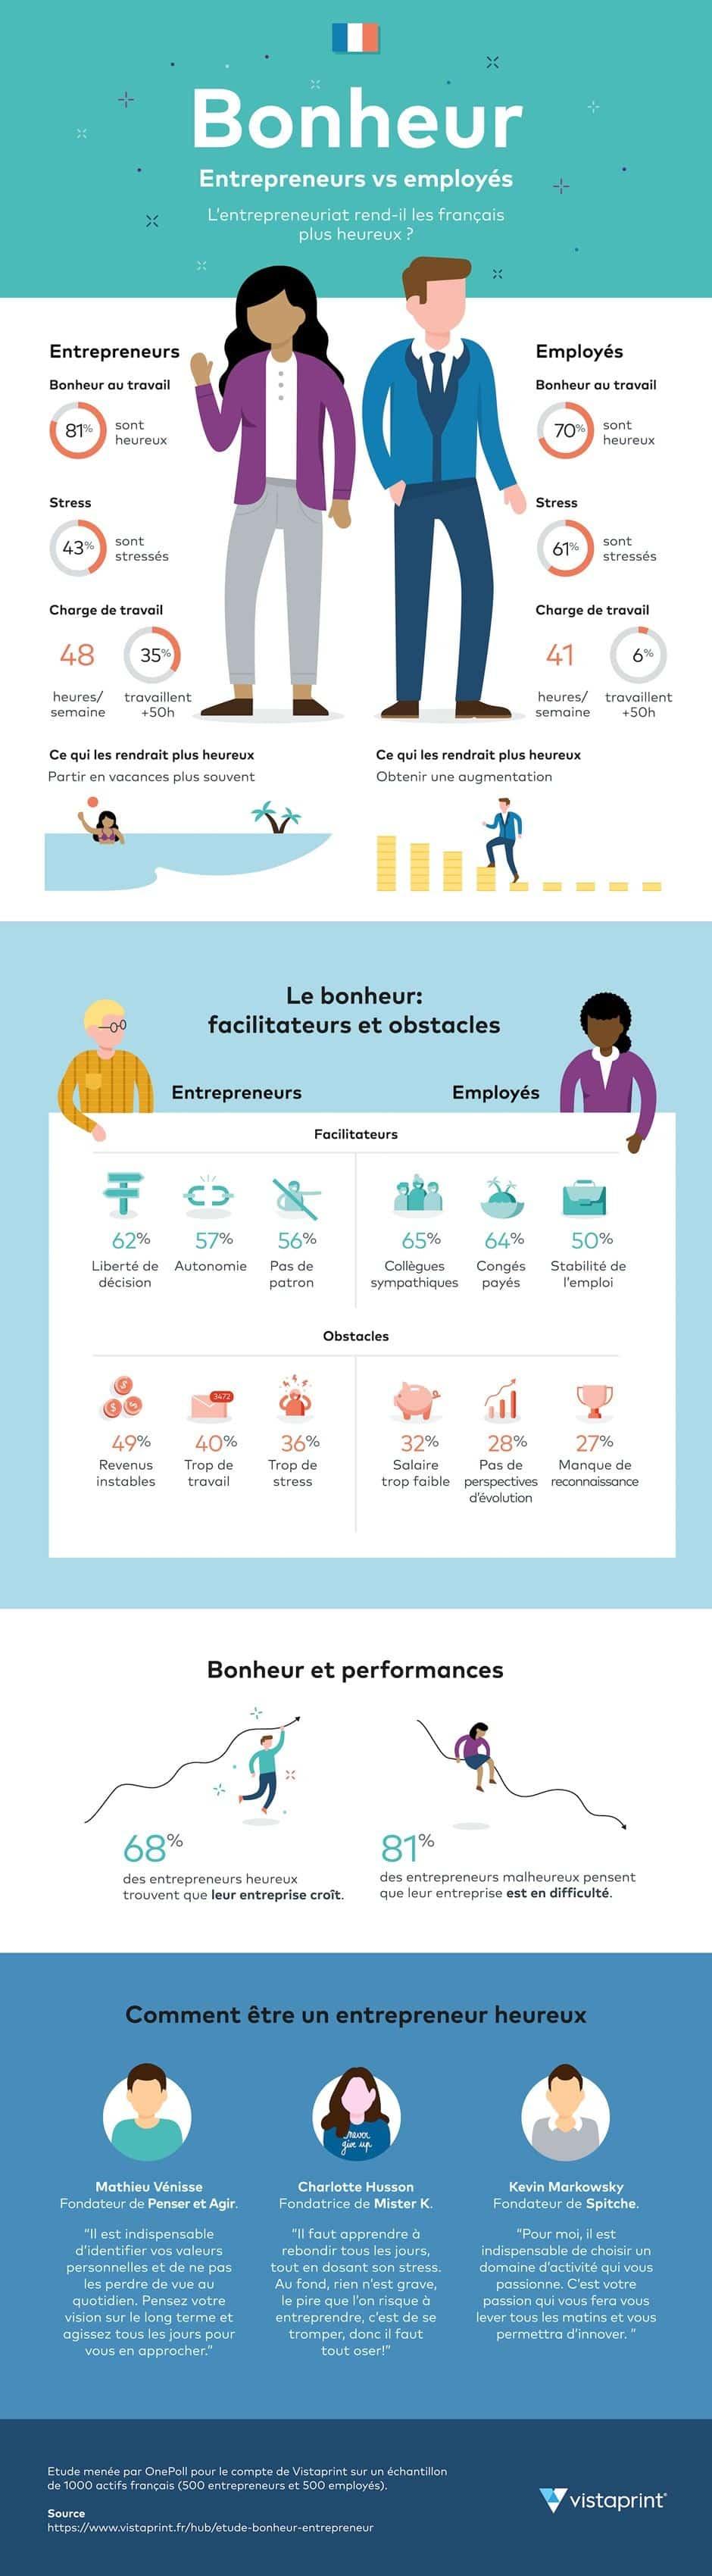 Infographie bonheur entrepreneur